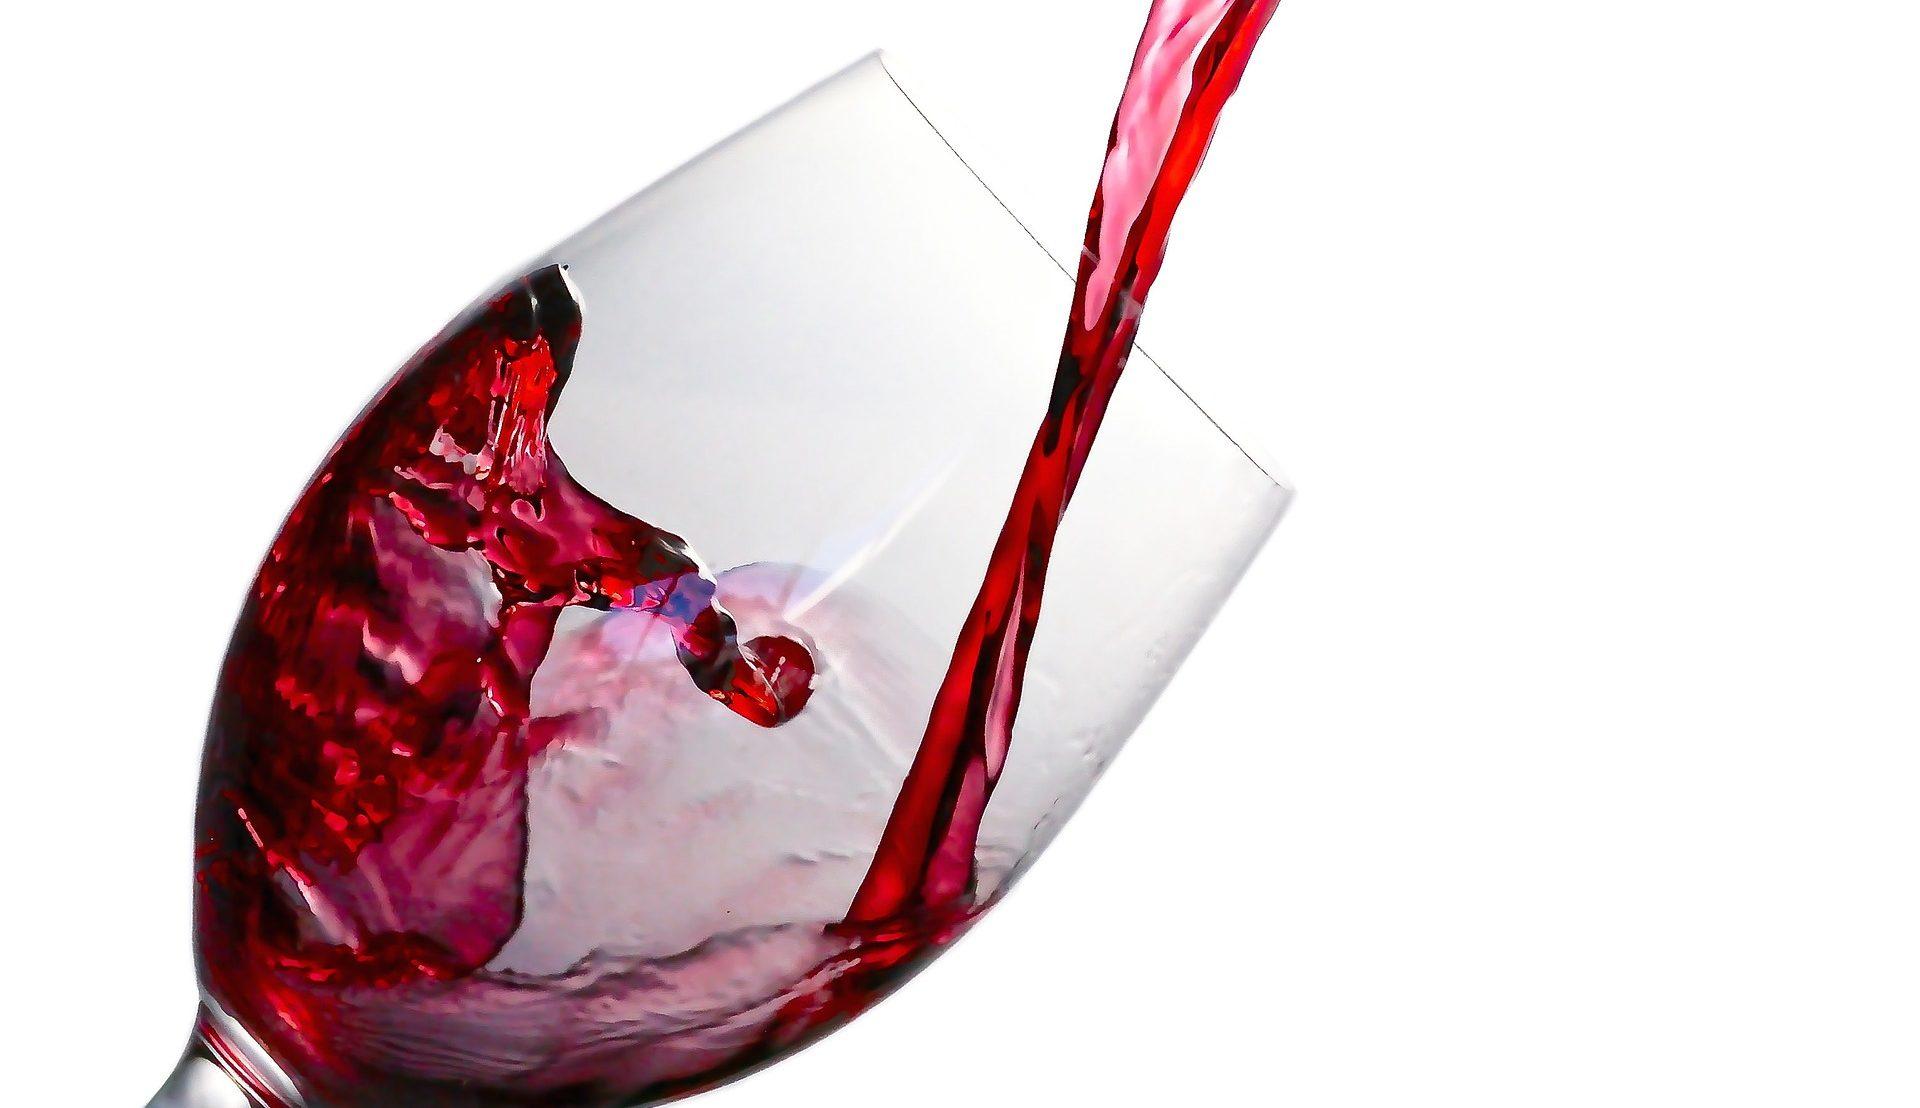 Frutto di vite: a Natale regala un vino biologico e solidale